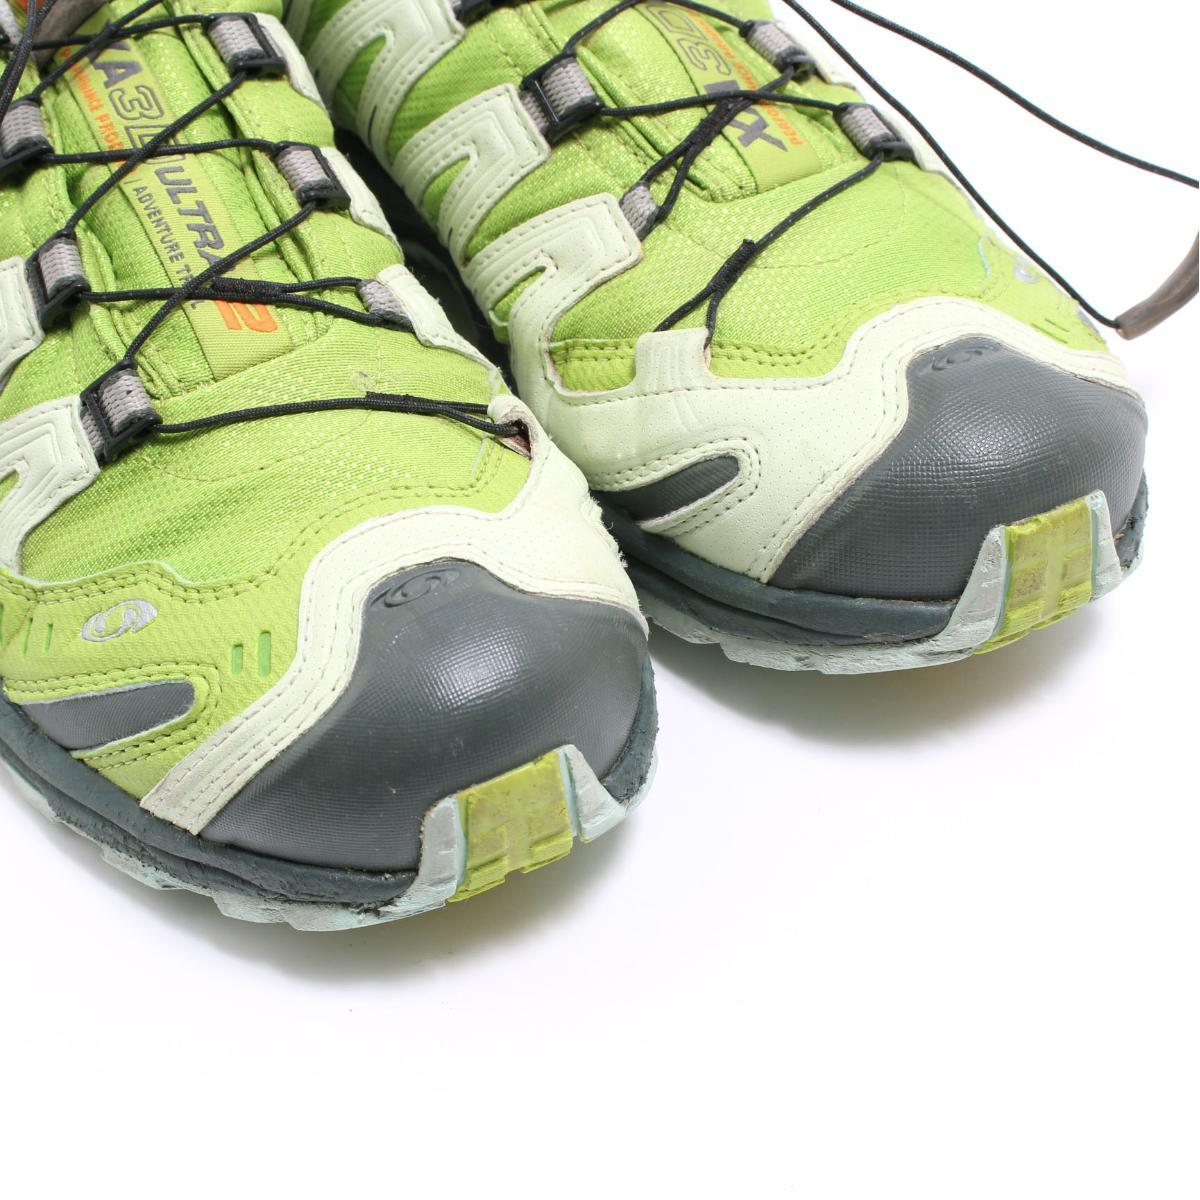 Salomon SALOMON XA PRO 3D ULTRA 2 GTX outdoor sneakers US8 Lady's 25.0cm bop8307